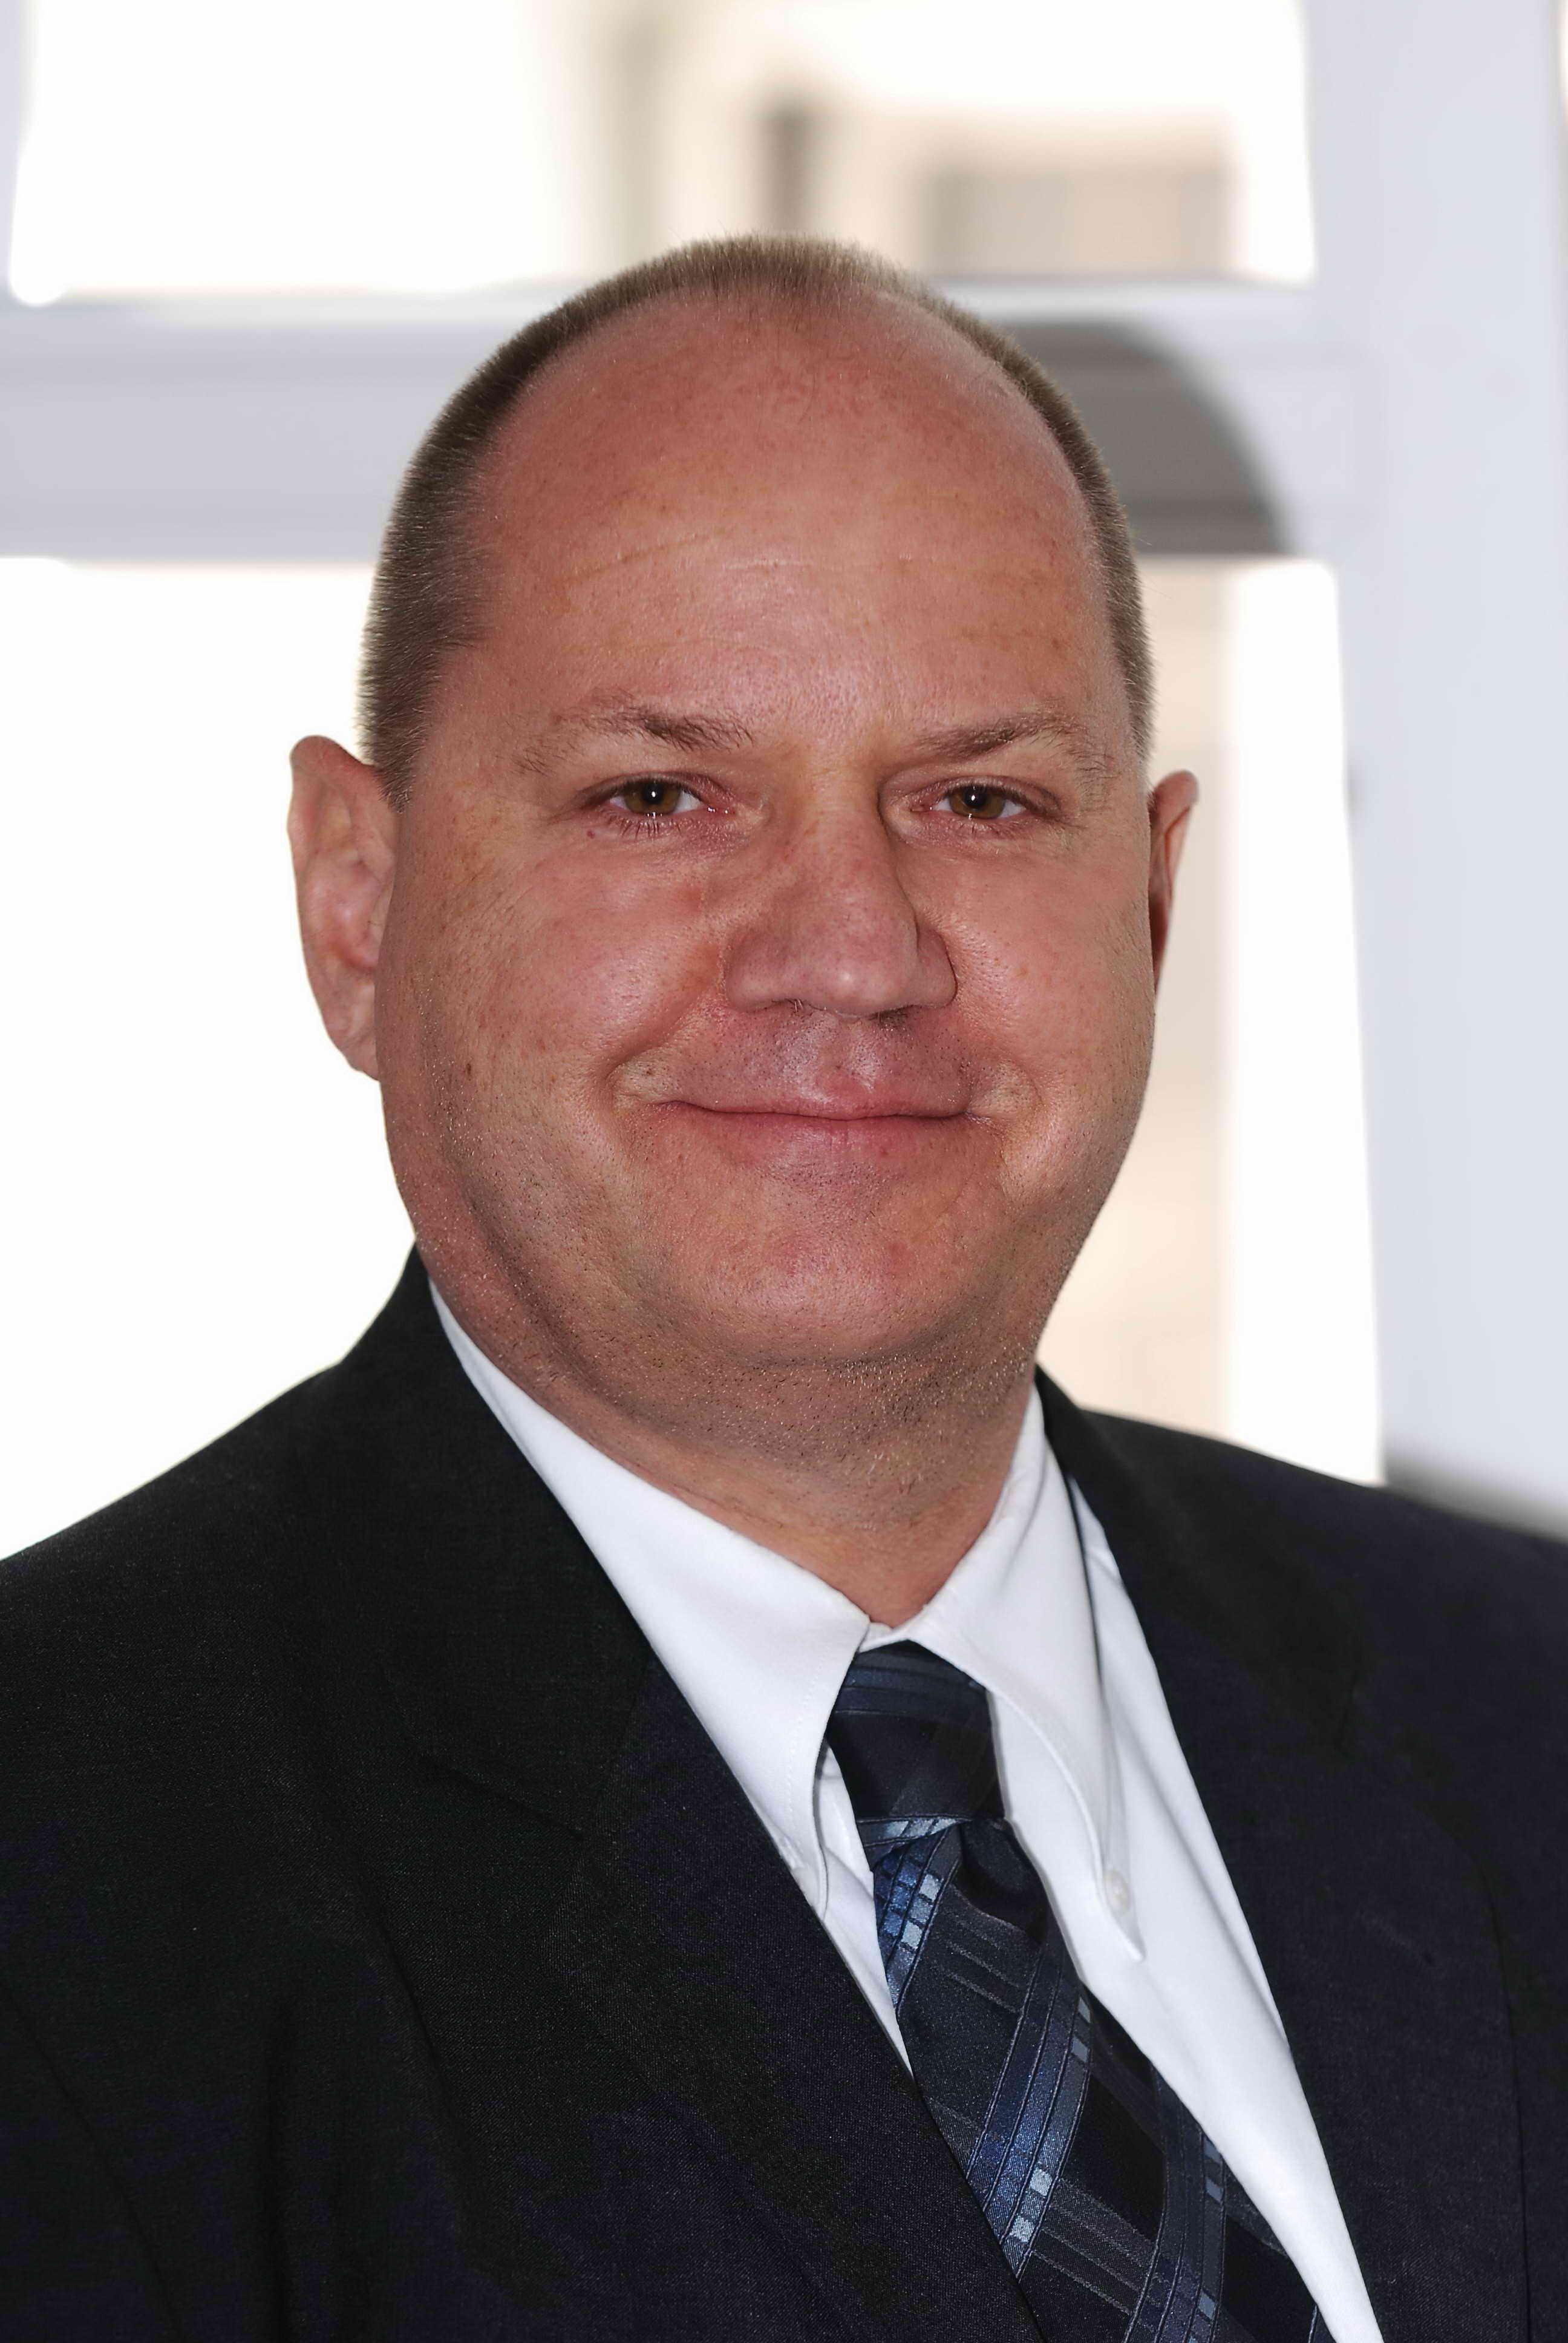 H.J. Fabry